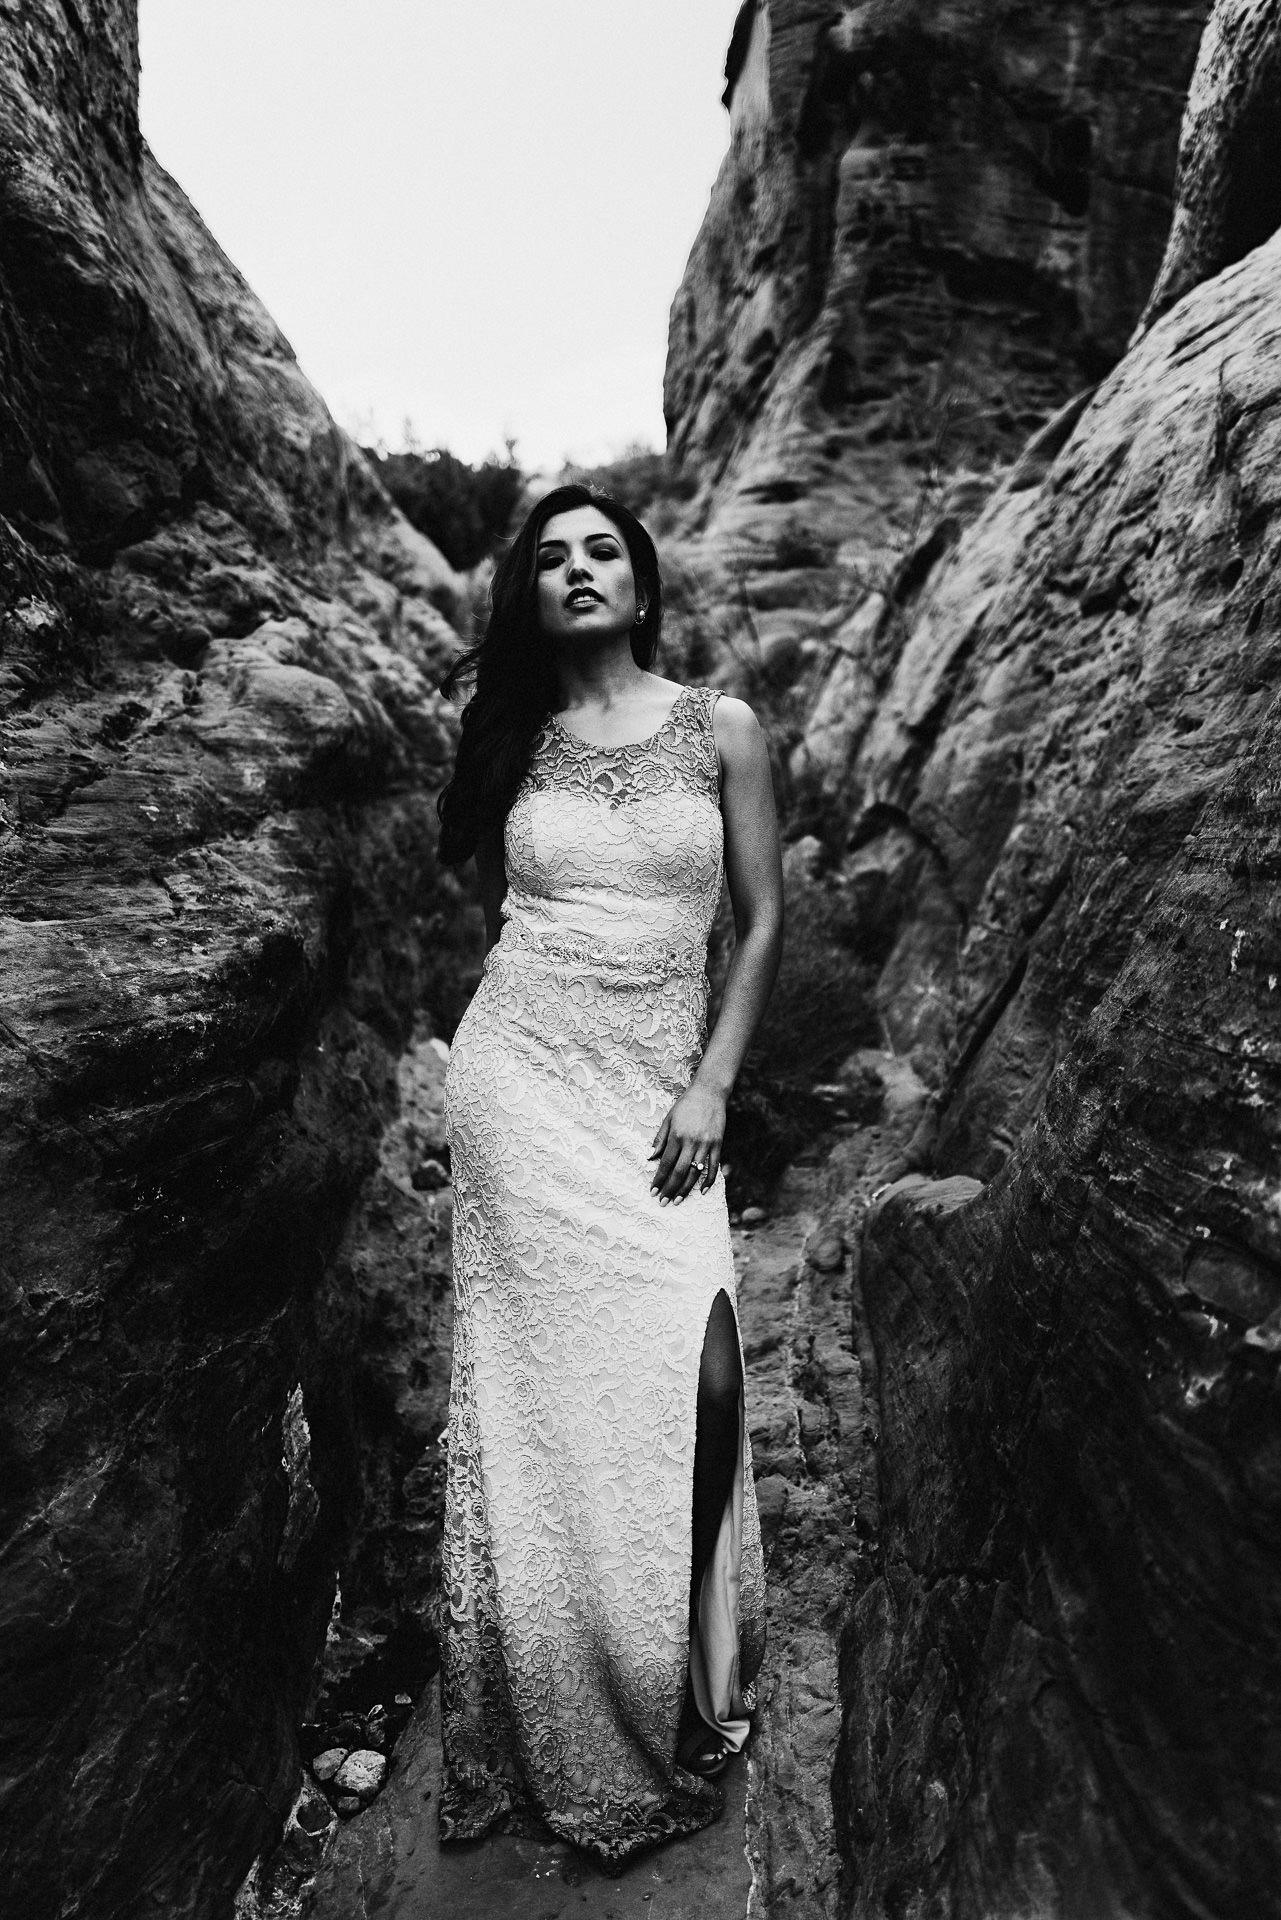 Leica-Q2-Review-106.jpg